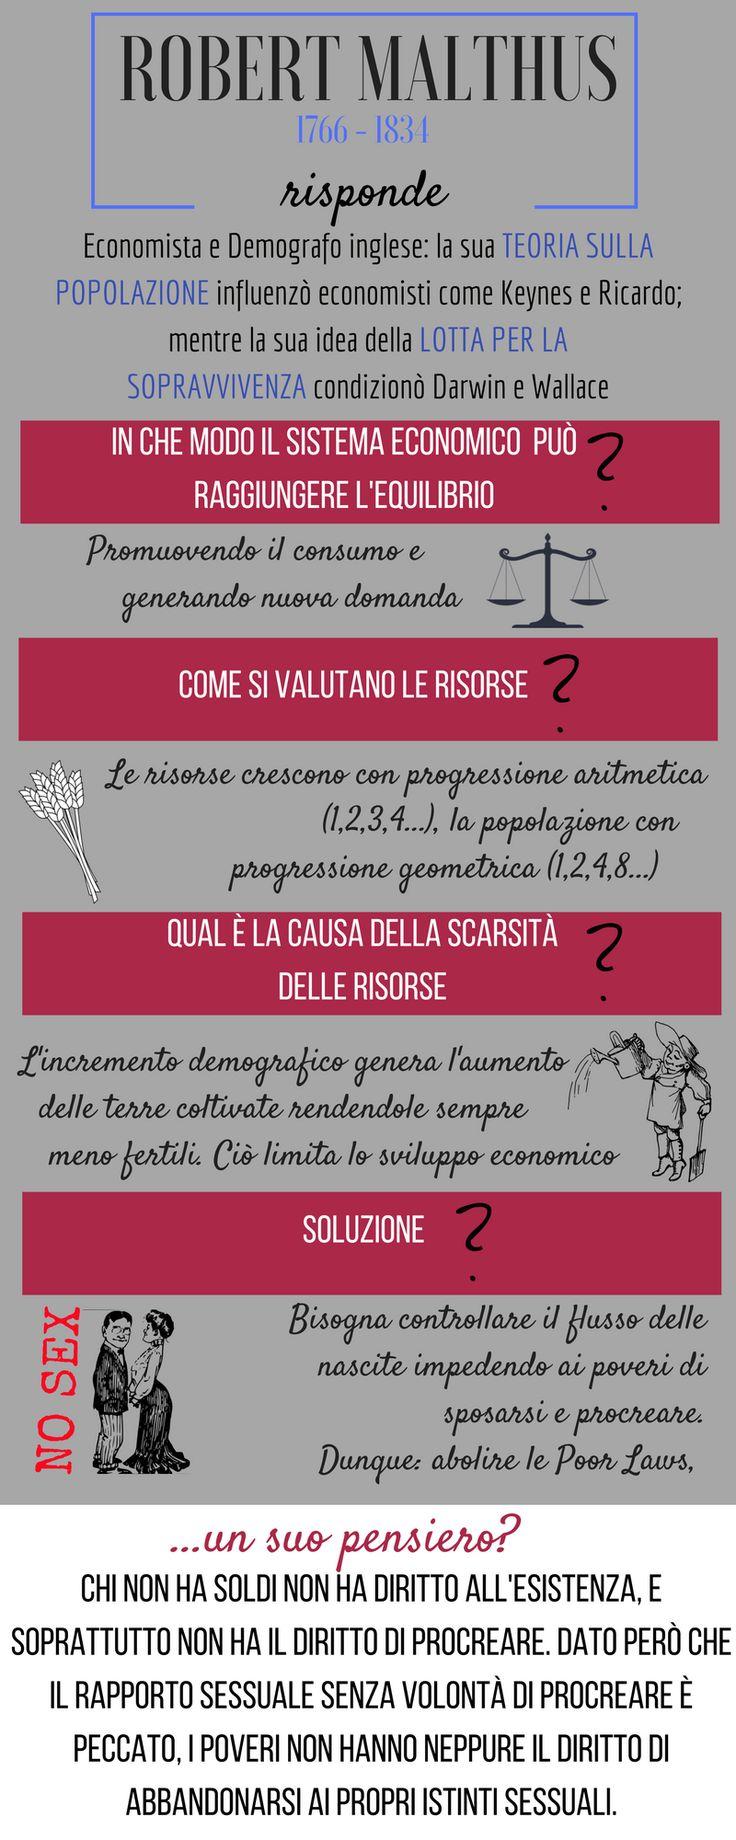 #Mercadante #Muscarella #visioni #economia #finanza #geopolitica #intelligence #AnalysisAndForecasting #Malthus #sessualità #matrimonio